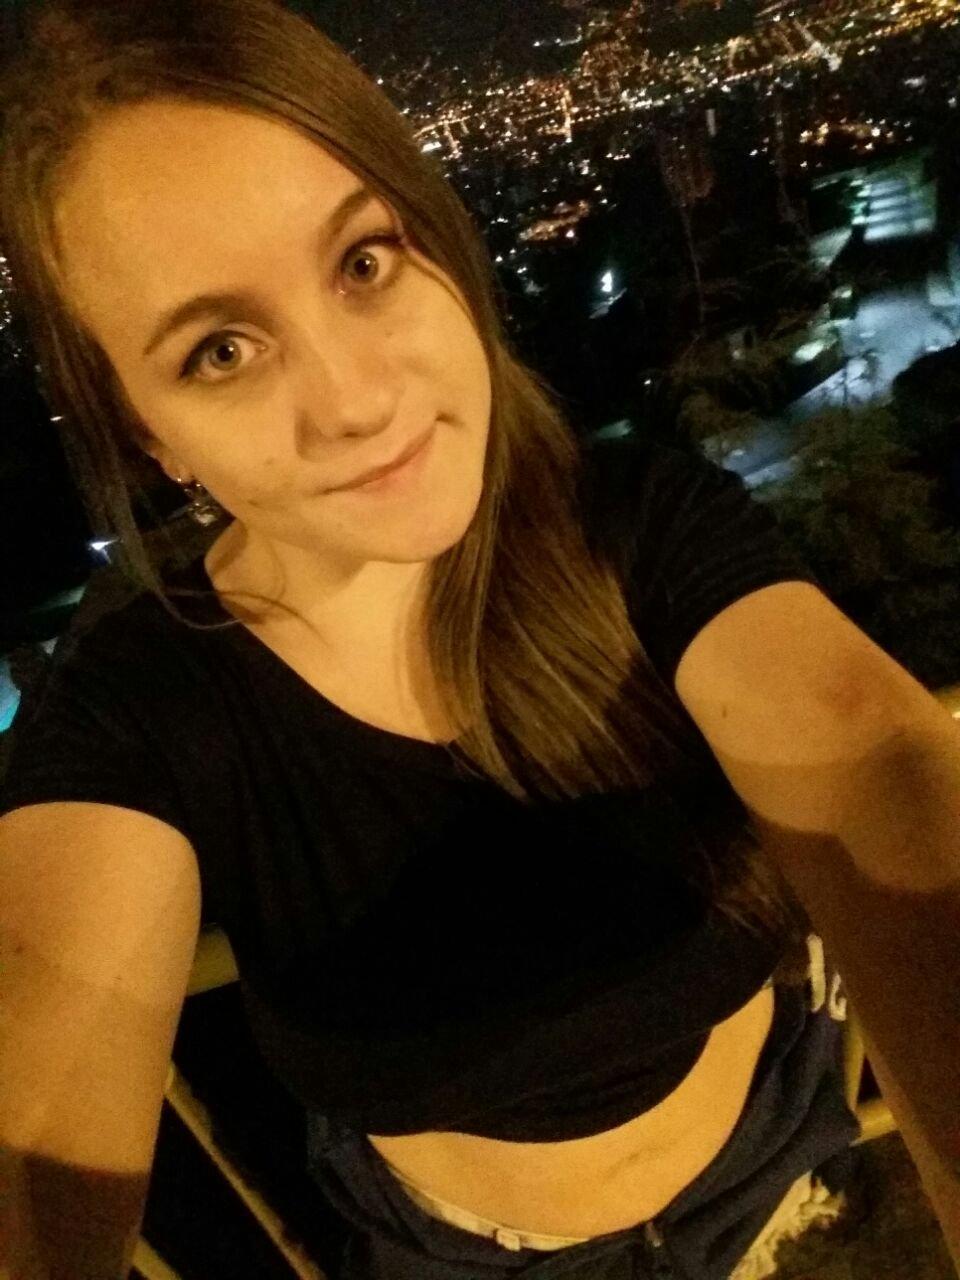 Selfie Kate Howarde nudes (55 pics) Selfie, Twitter, underwear